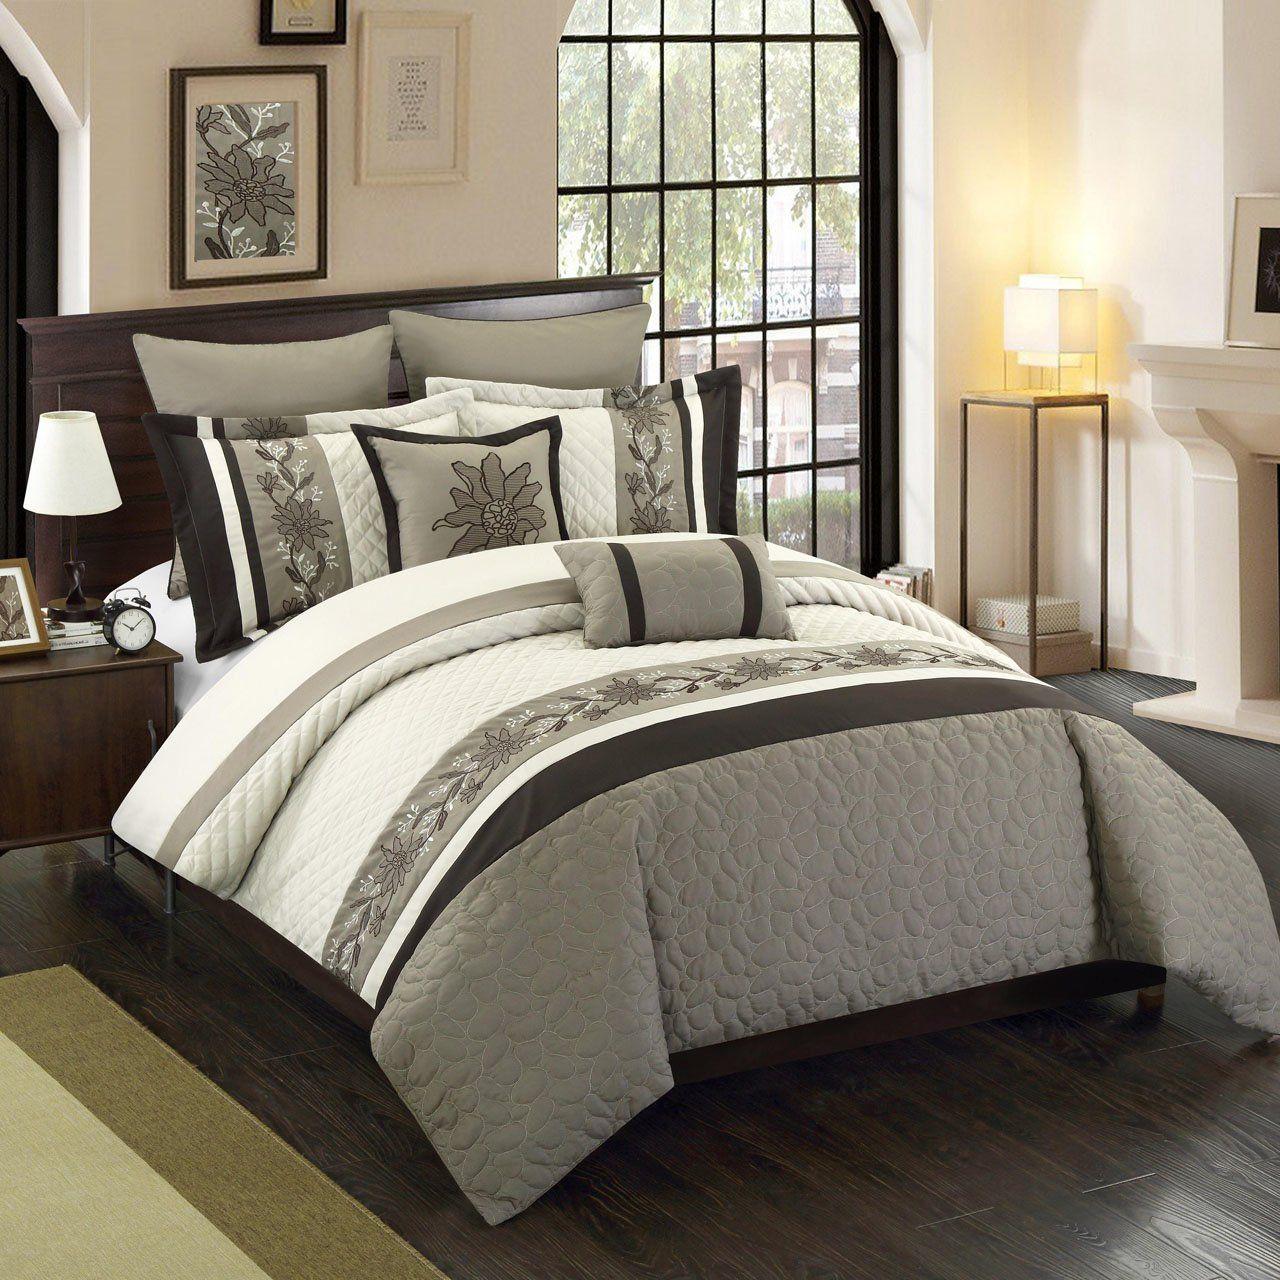 8 Piece Antwerpen Ivory Gray Comforter Set Bedding Sets Comforter Sets Mens Bedding Sets